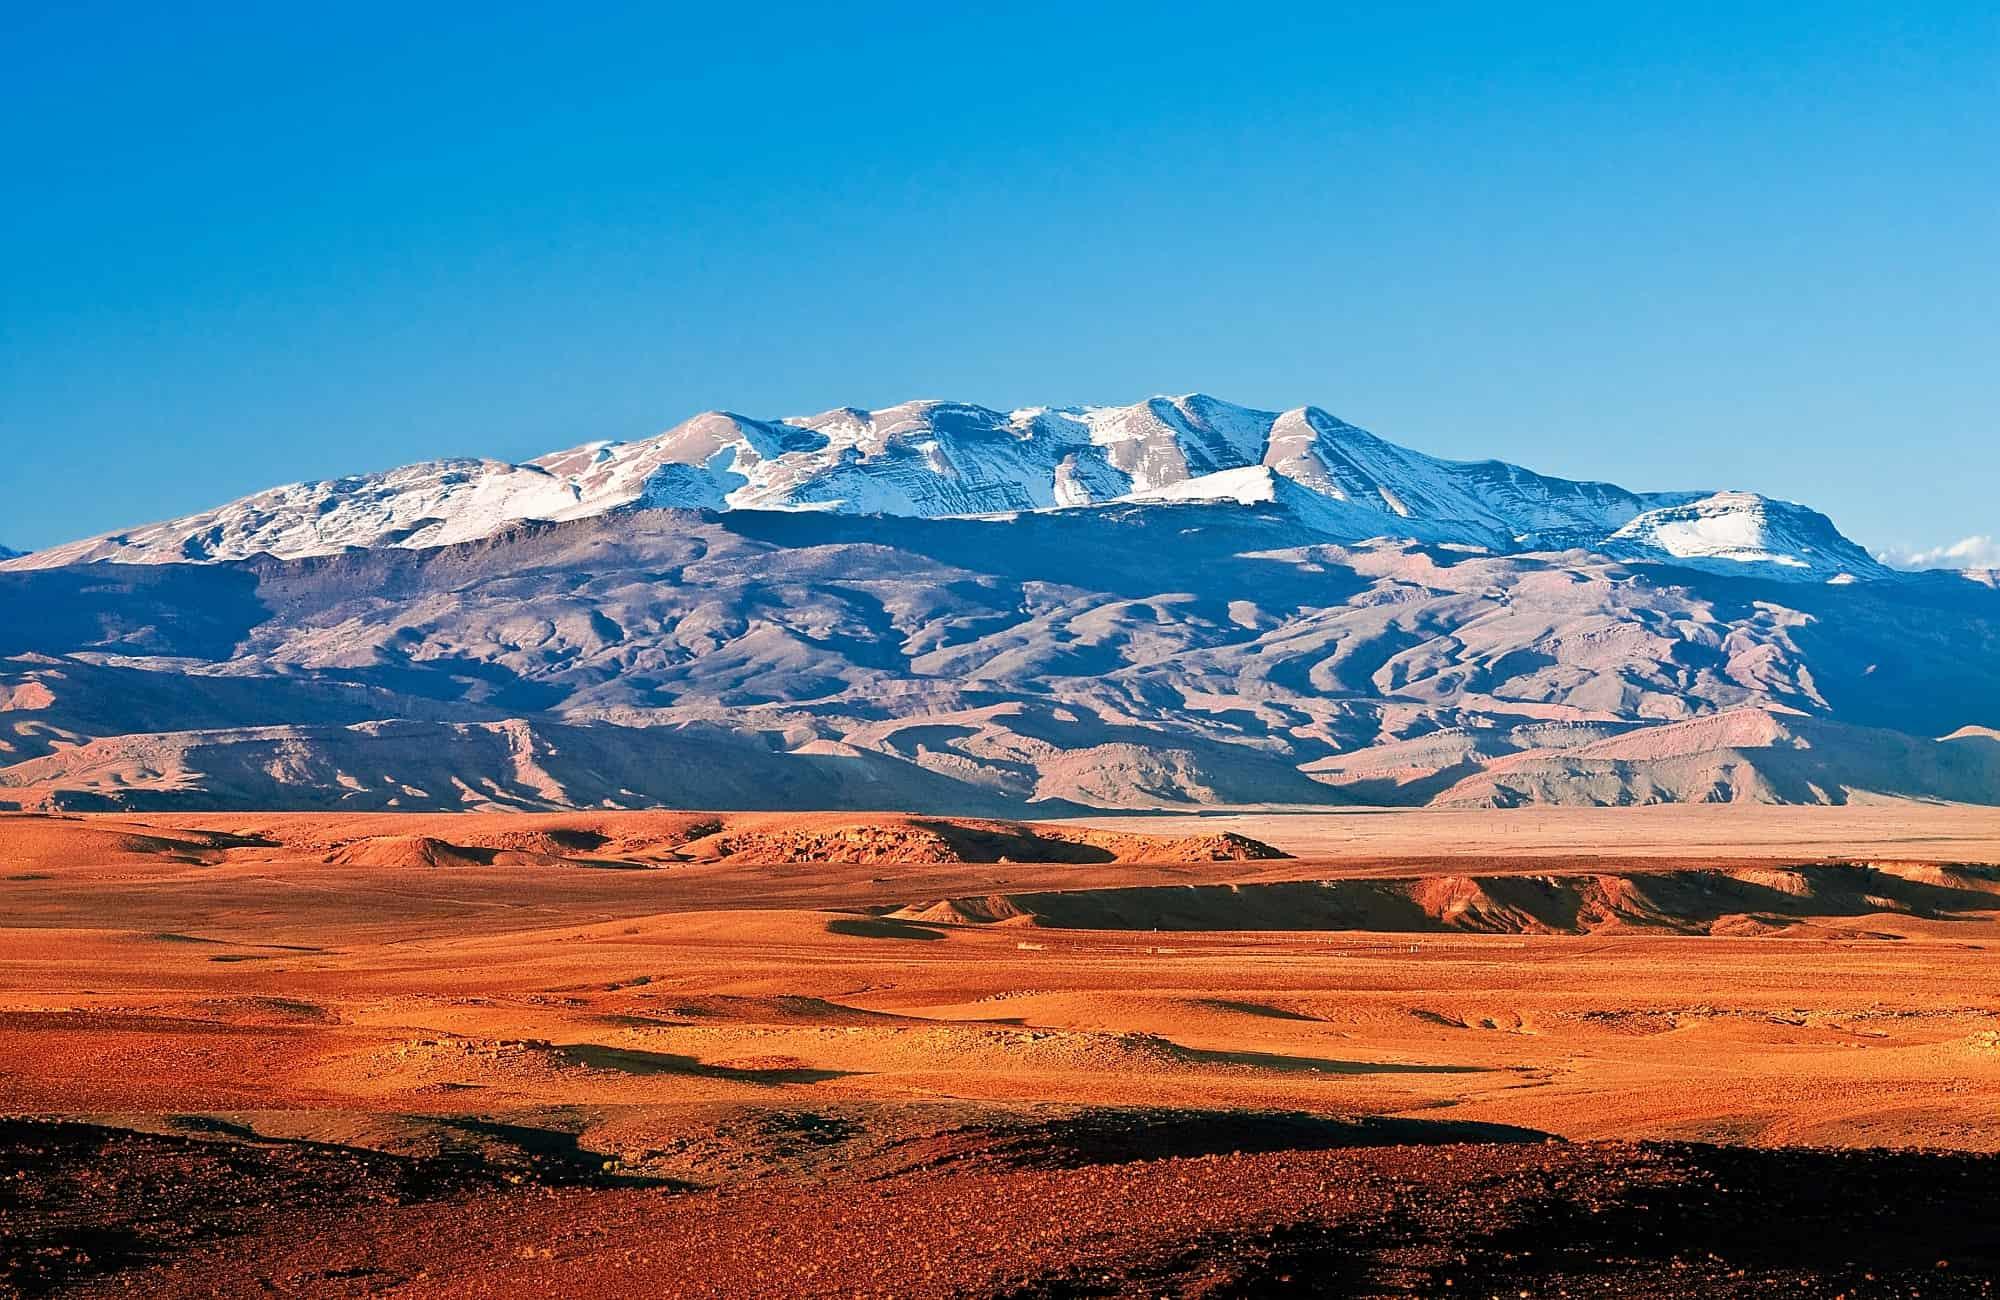 Montagne de l'Atlas